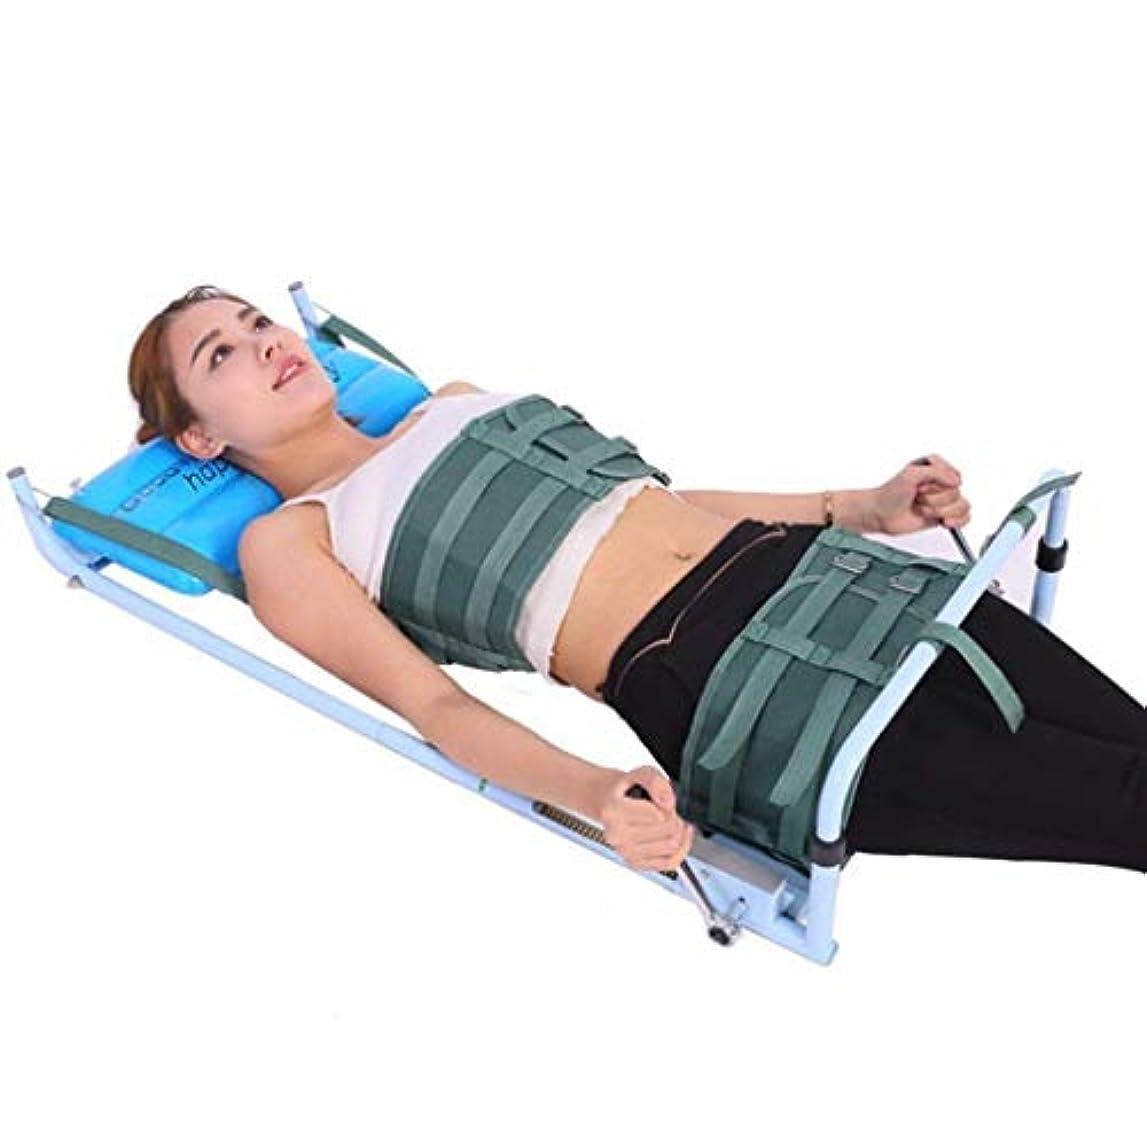 サルベージ近代化する昇進矯正装置、腰椎牽引装置、子宮頸部ストレッチストレッチャー装置、改善された脊椎姿勢装具